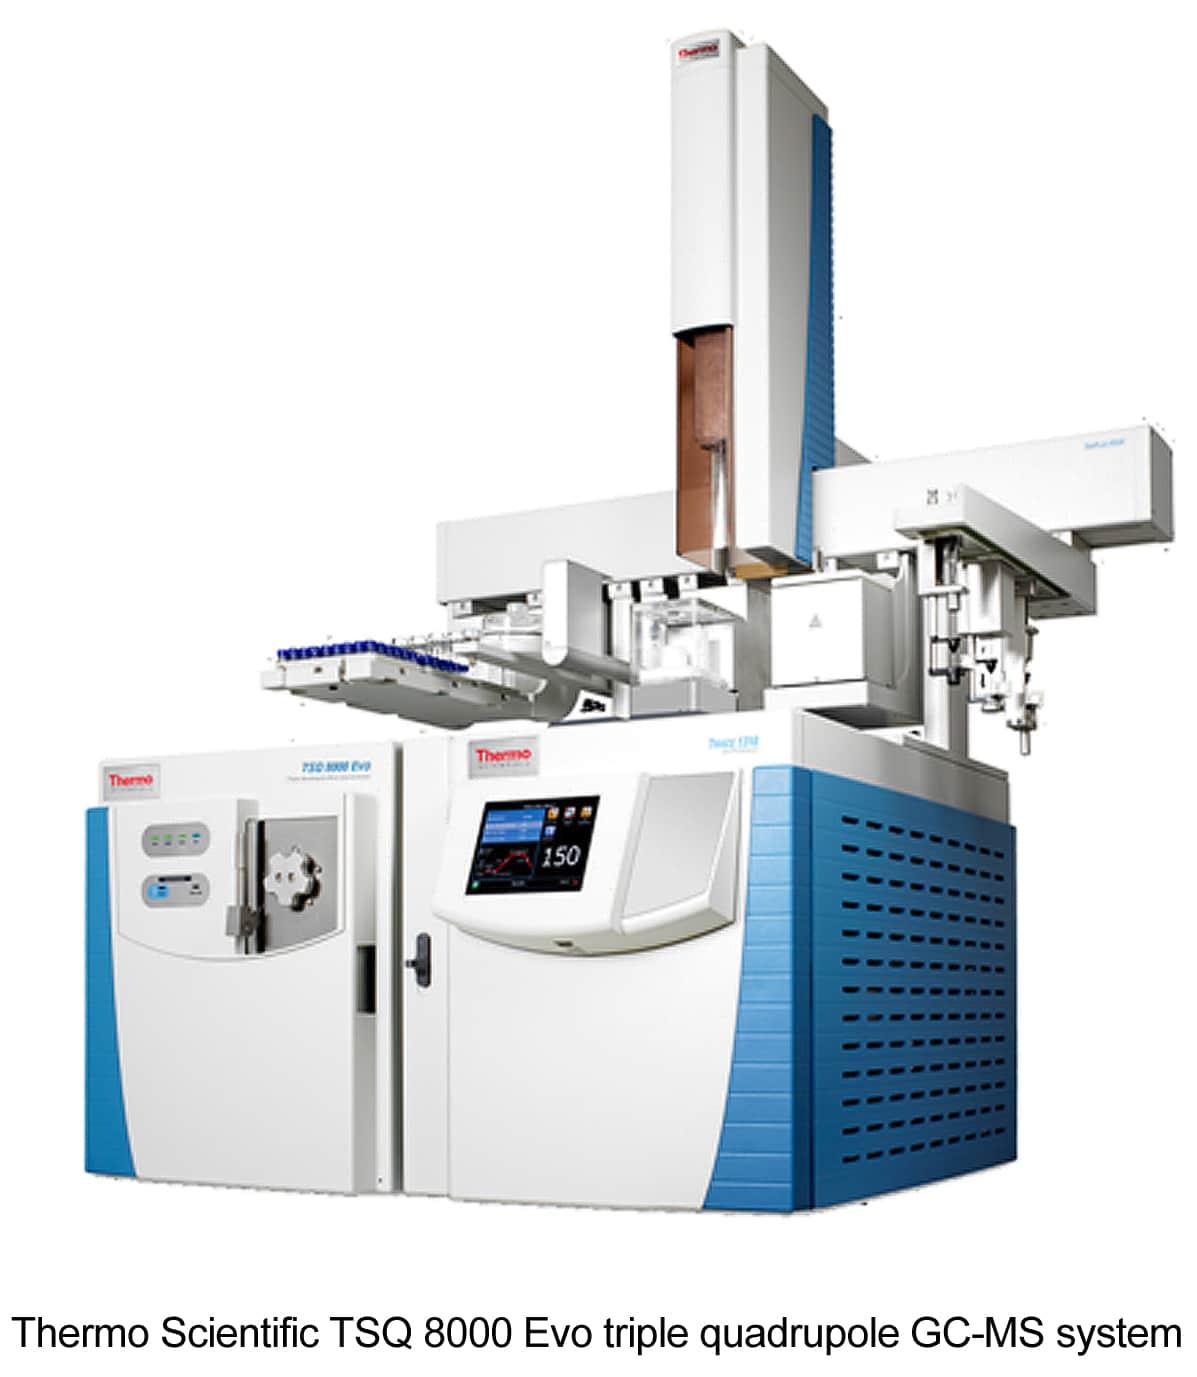 Thermo Scientific TSQ 8000 Evo Triple Quadropole GC-MS/MS